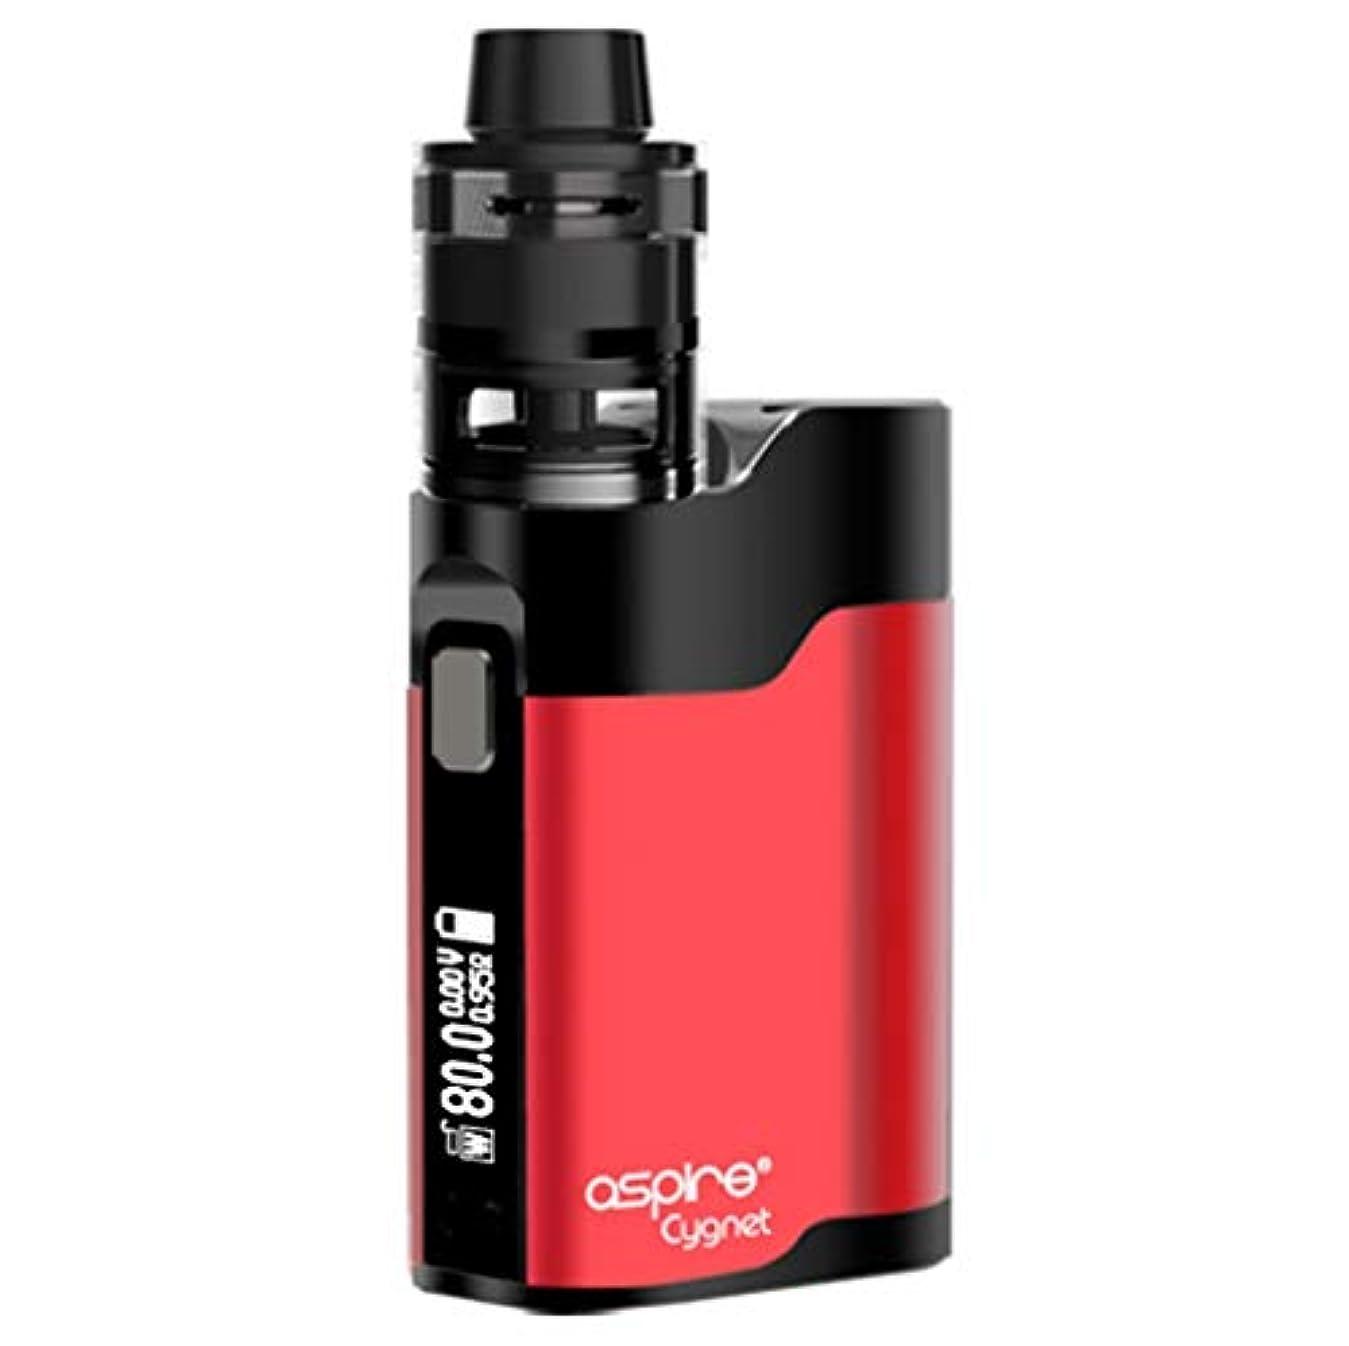 ファウル病院必要Aspire Cygnet Revvo 80W VW KIT アスファイア シグネット レボ ミニ  VAPE 電子タバコ (Red&Black)